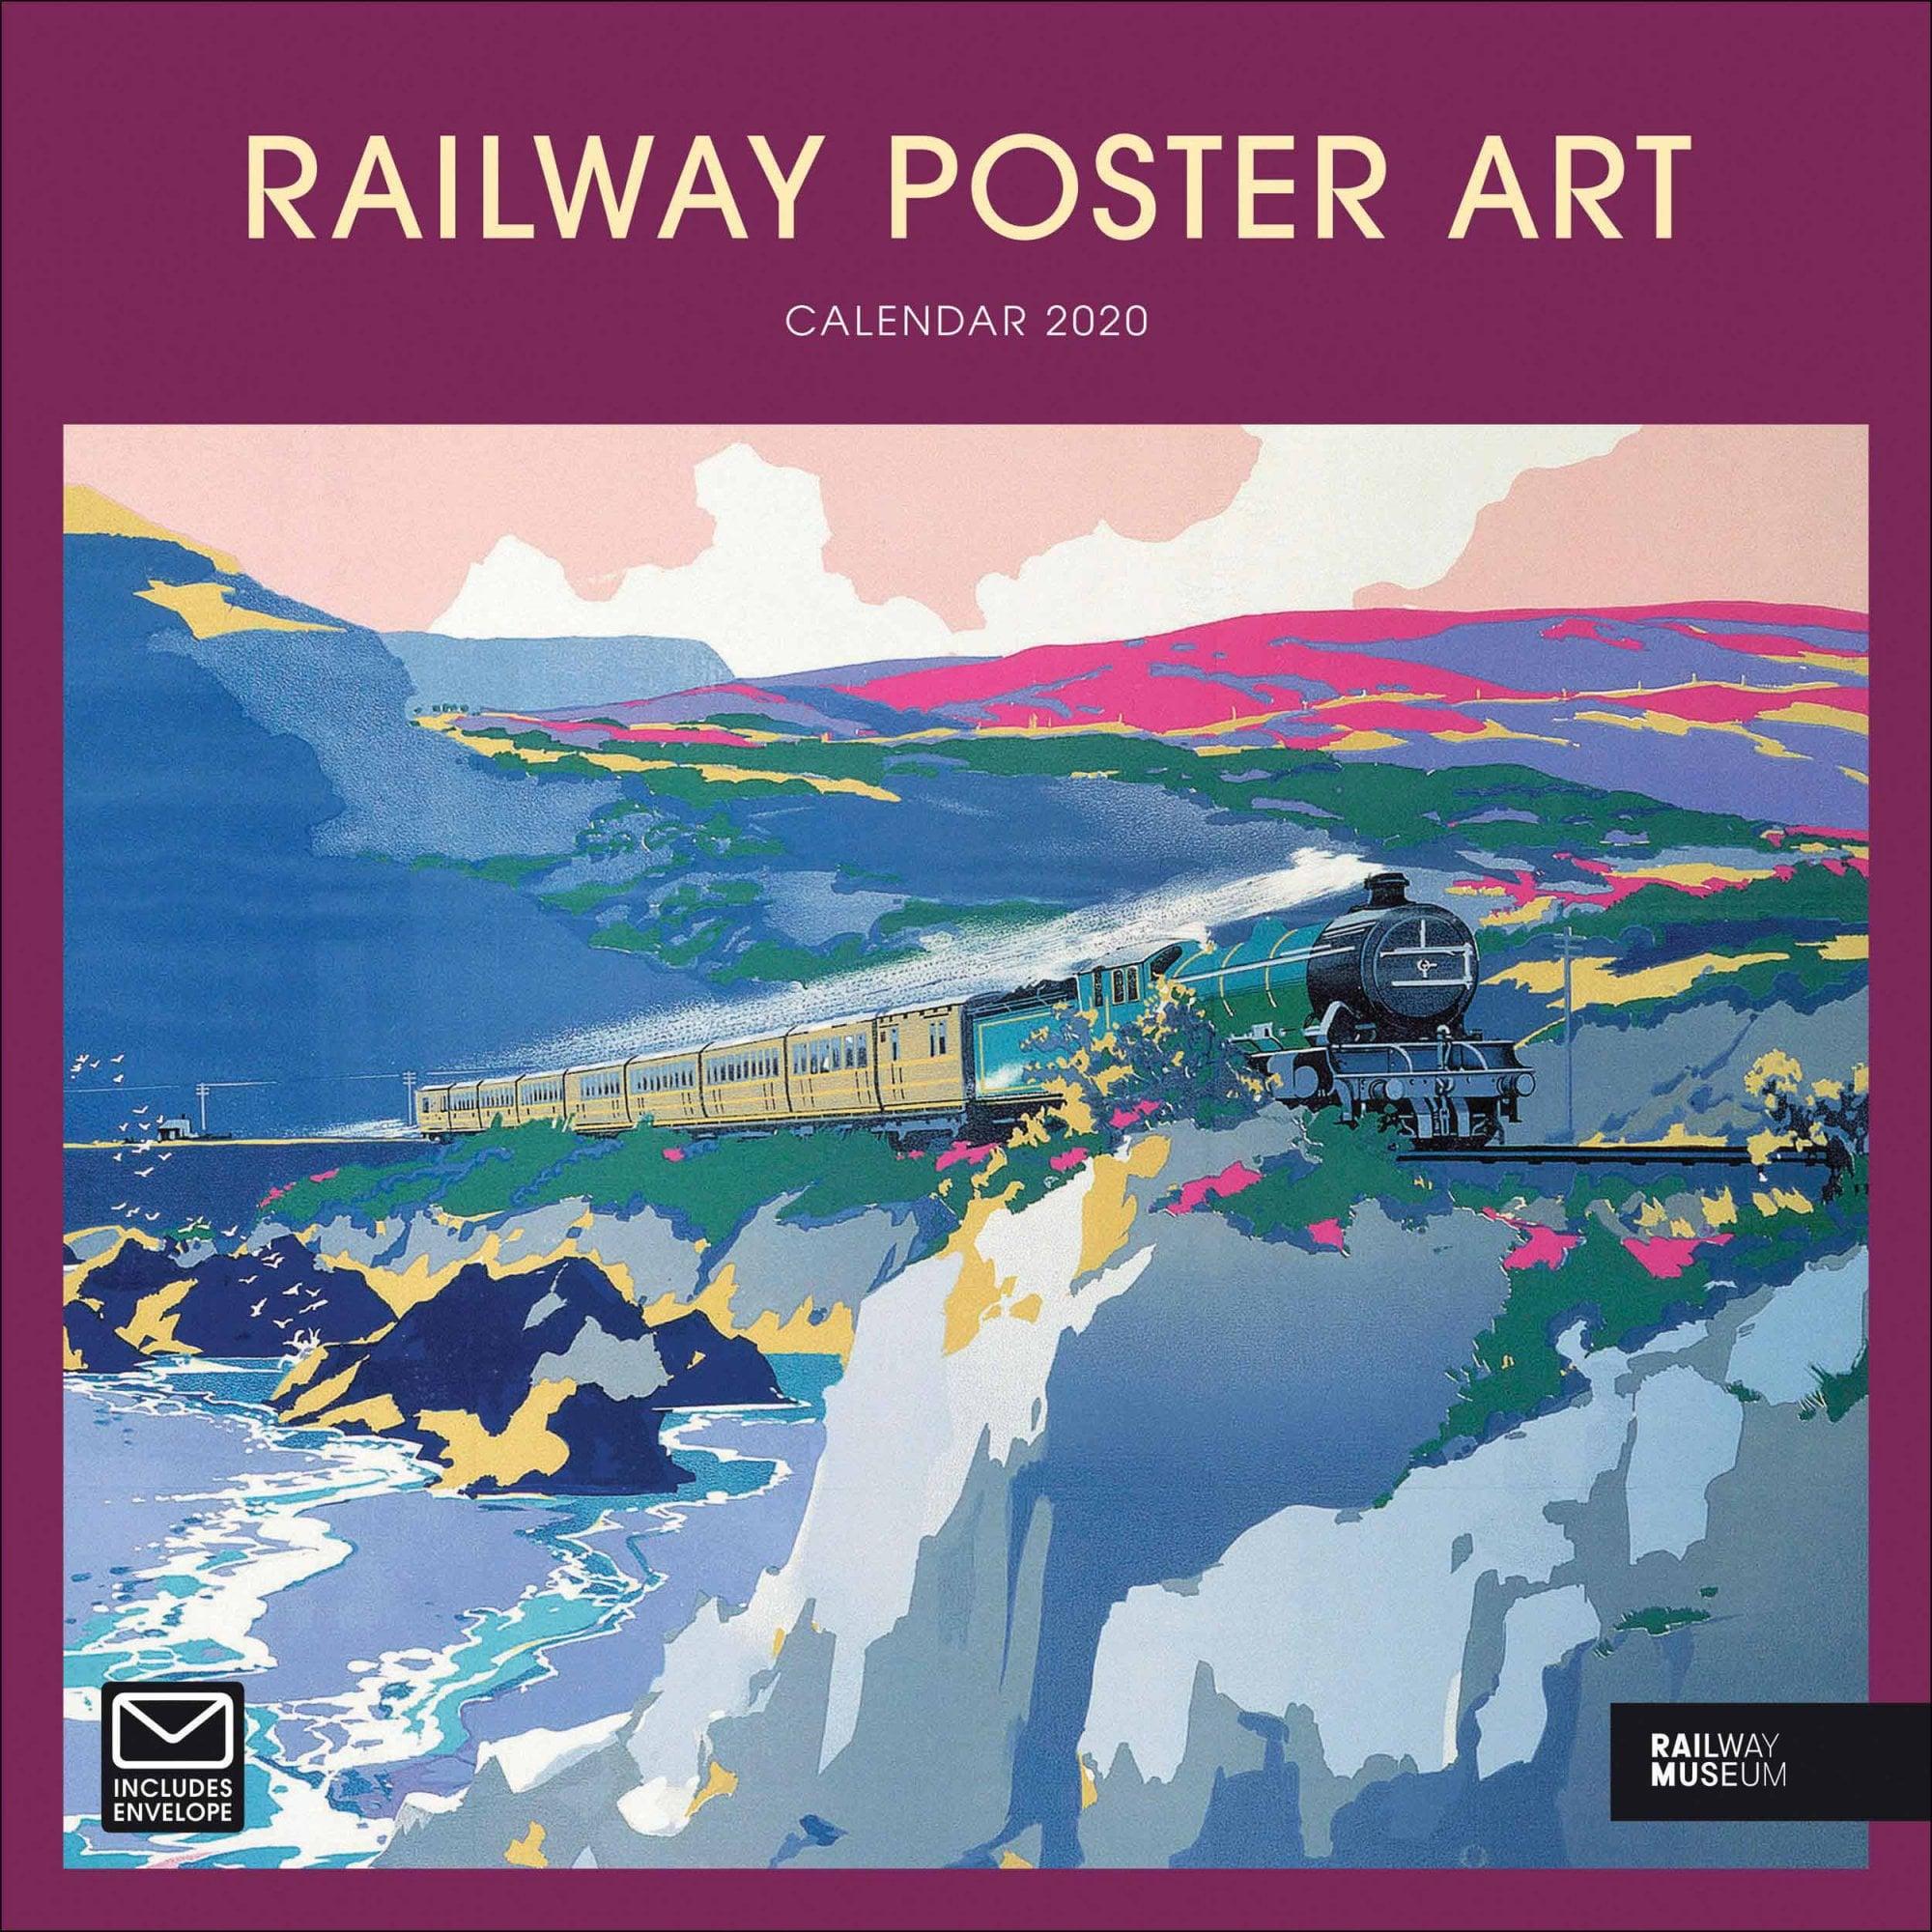 Railway Poster Art Calendar 2020